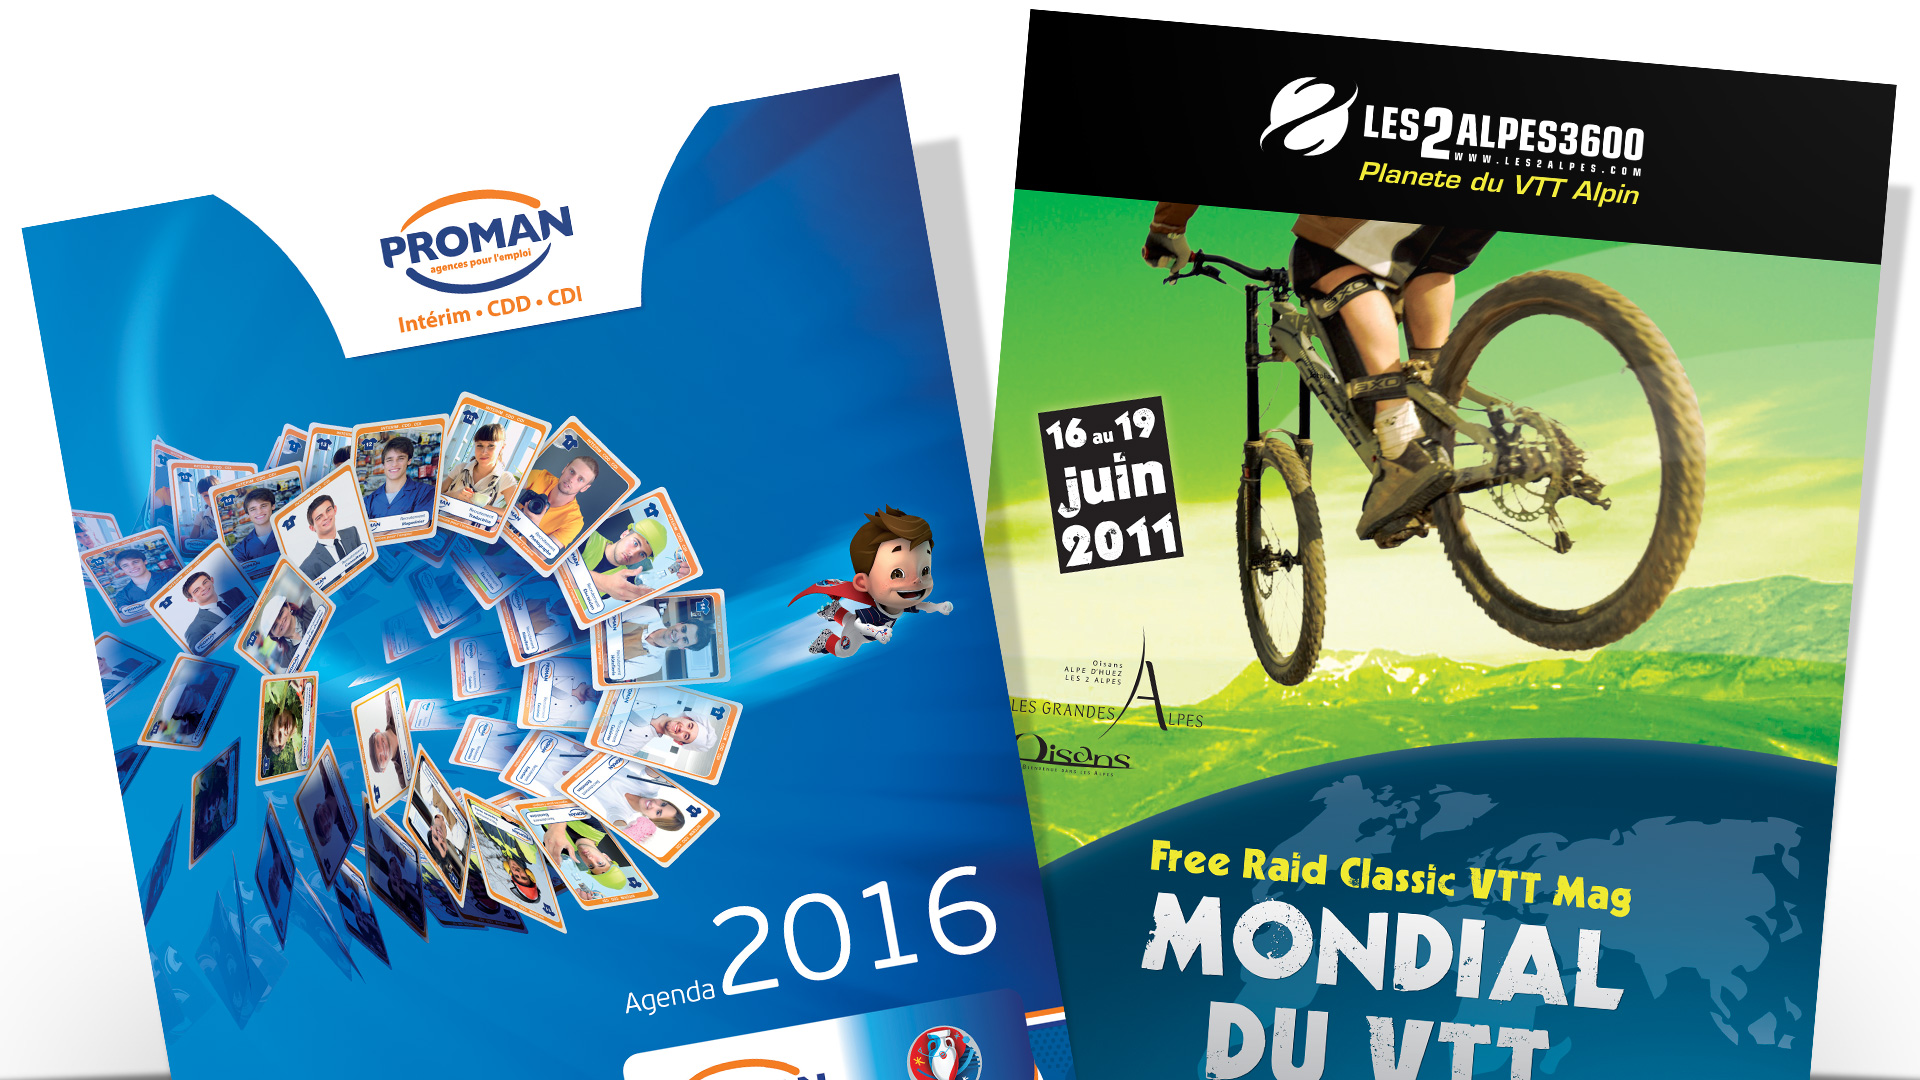 Flyers, affiches et PLV : affiche Proman et Mondial du VTT